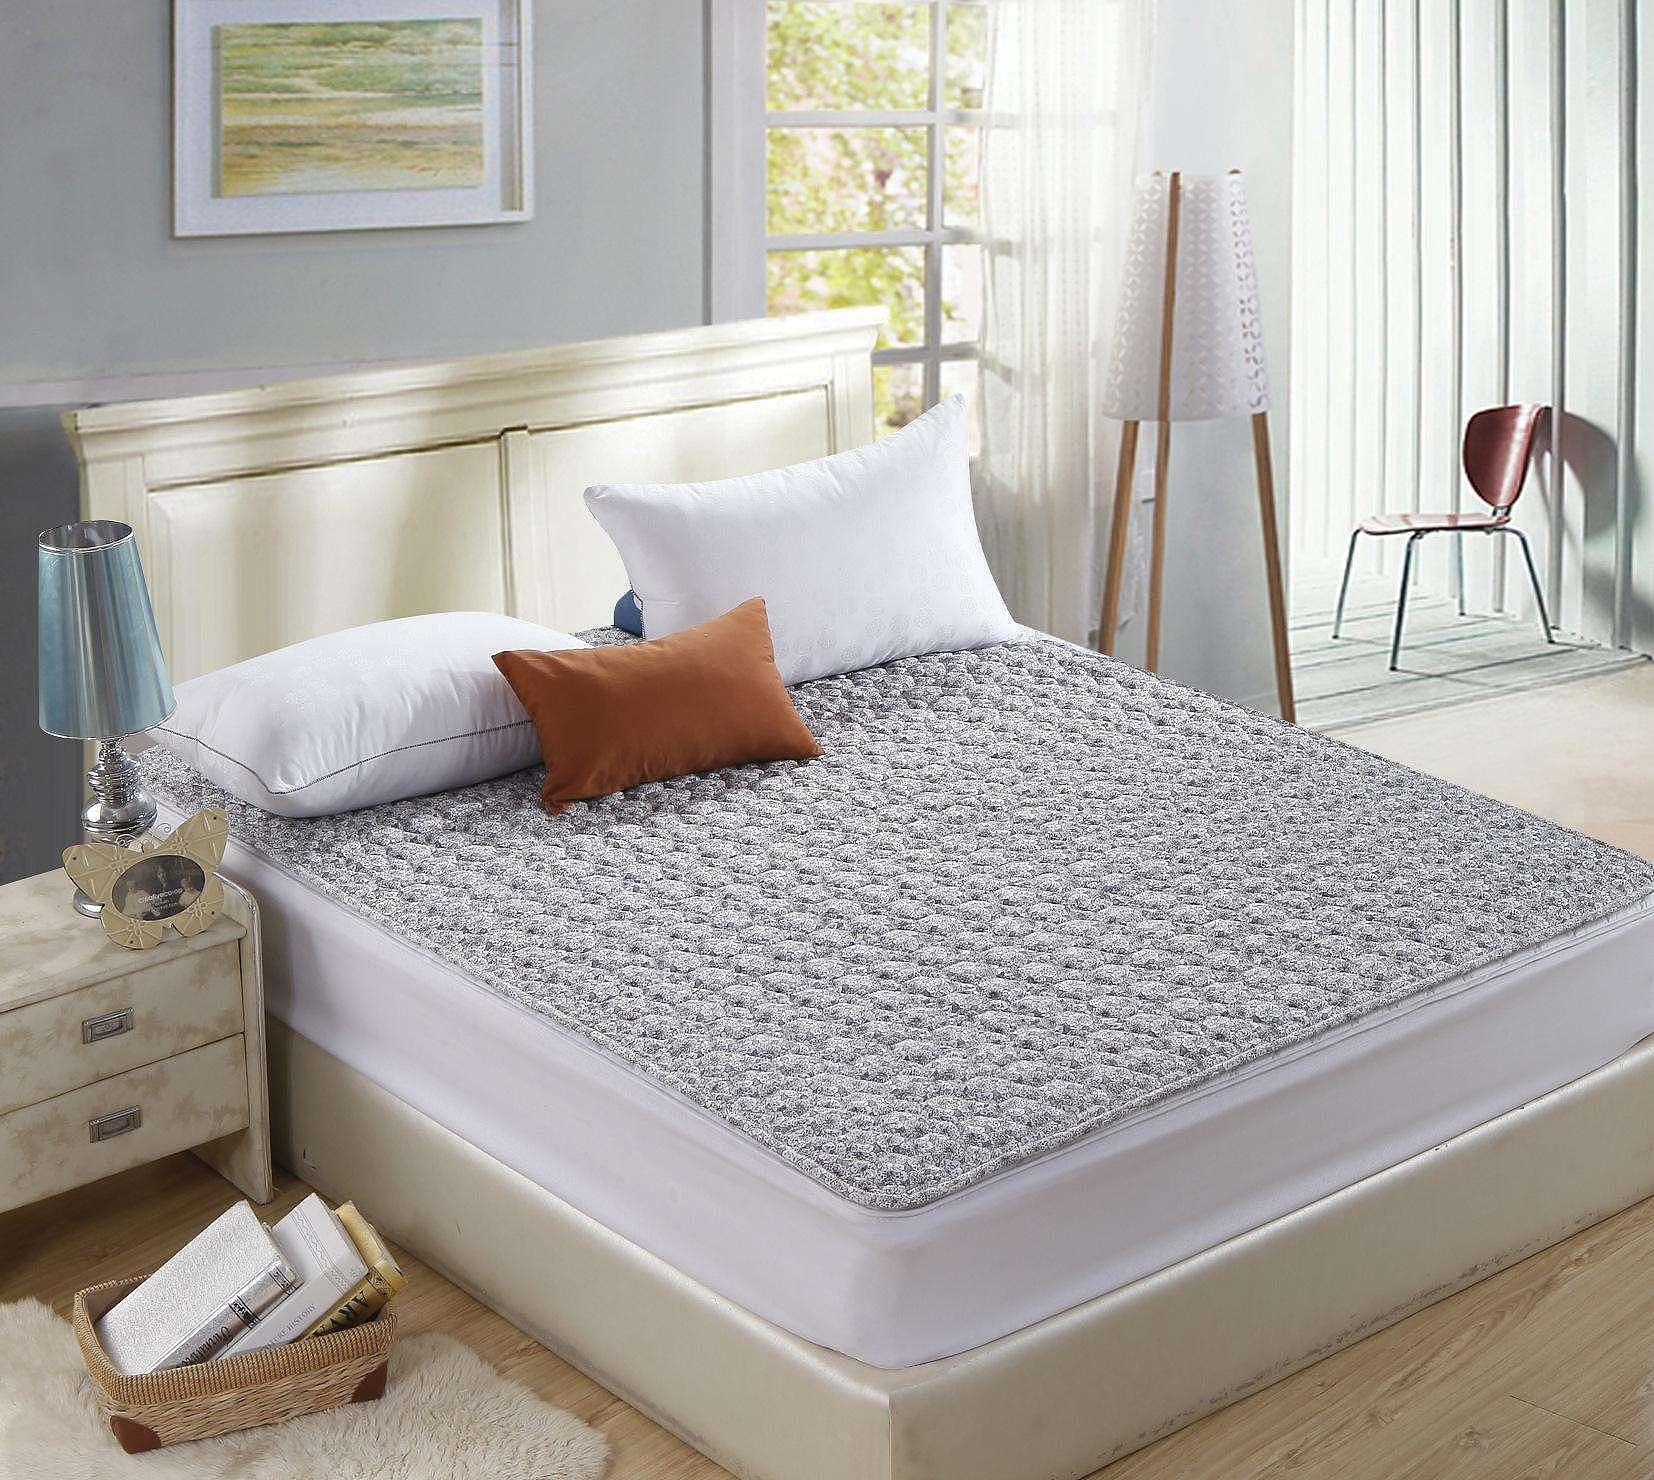 爱蒙床垫和慕思哪个好 爱蒙床垫和慕思比较